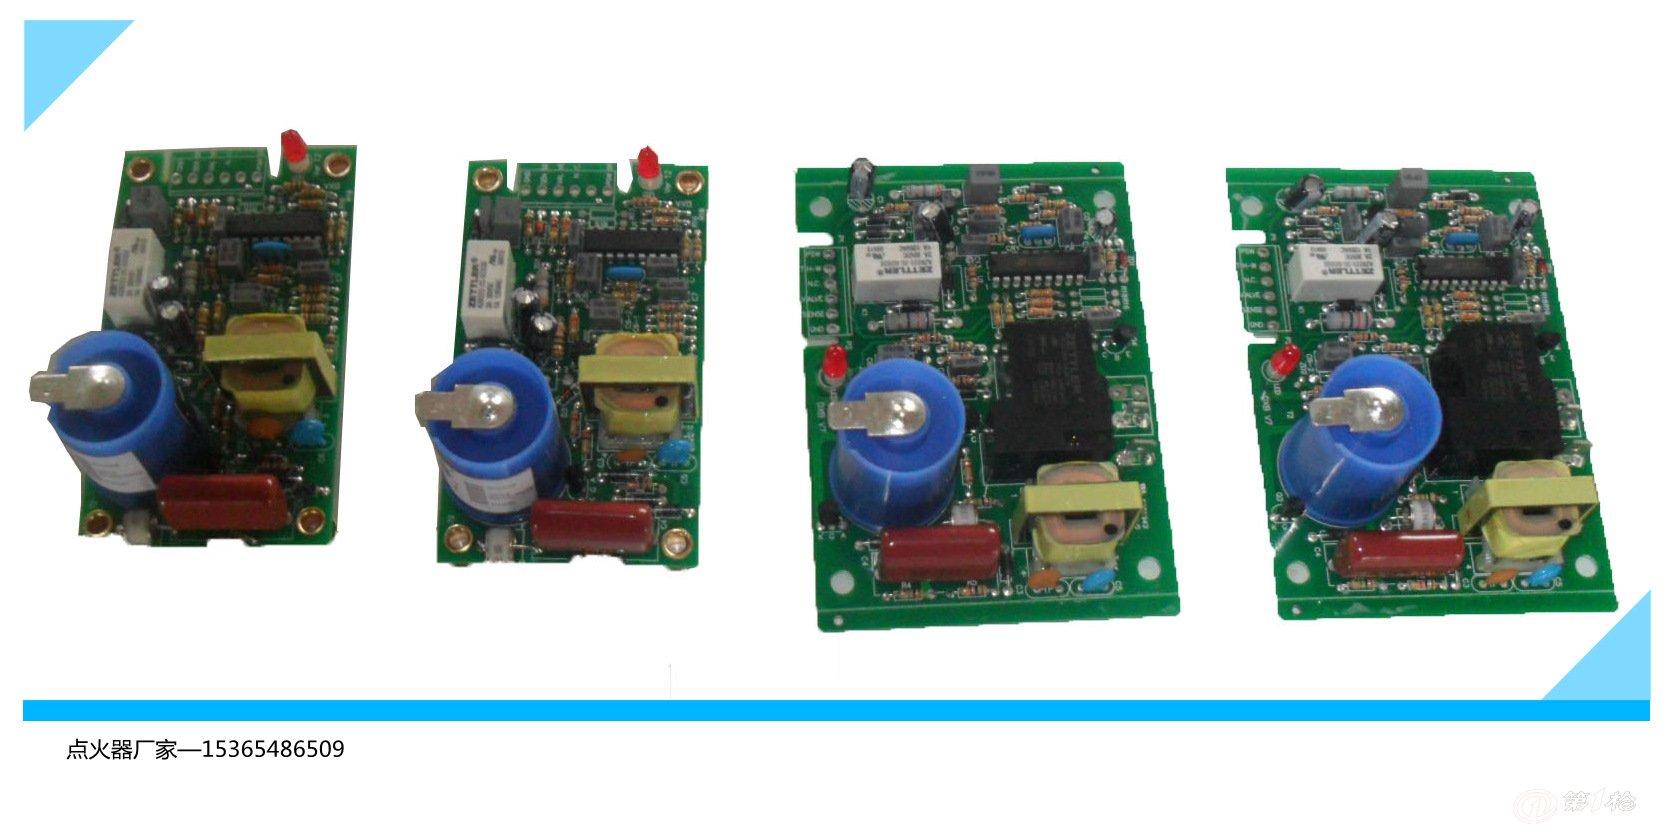 脉冲点火器是电子点火器的一种,它利用了脉冲原理连续性的产生瞬时高压电火花点燃燃气或燃油等可燃燃料。相比于原始点火装置,新型脉冲点火器具有稳定高,可控制,维护方便等特点。 脉冲点火器是一种脉冲高频振荡器,由振荡器所产生的高频电压由变压器拉高到15kv的高压电,在点火端进行尖端放电,由放电产生的电火花点燃燃烧机中的可燃物。脉冲点火器可以连续放电,所以脉冲点火器比传统点火率高。 南通万泰电子有限公司生产的脉冲点火器具有通电点火(或开关控制点火)意外熄火重点火功能,离子火焰自动监控功能及熄火报警,点火失败与意外熄